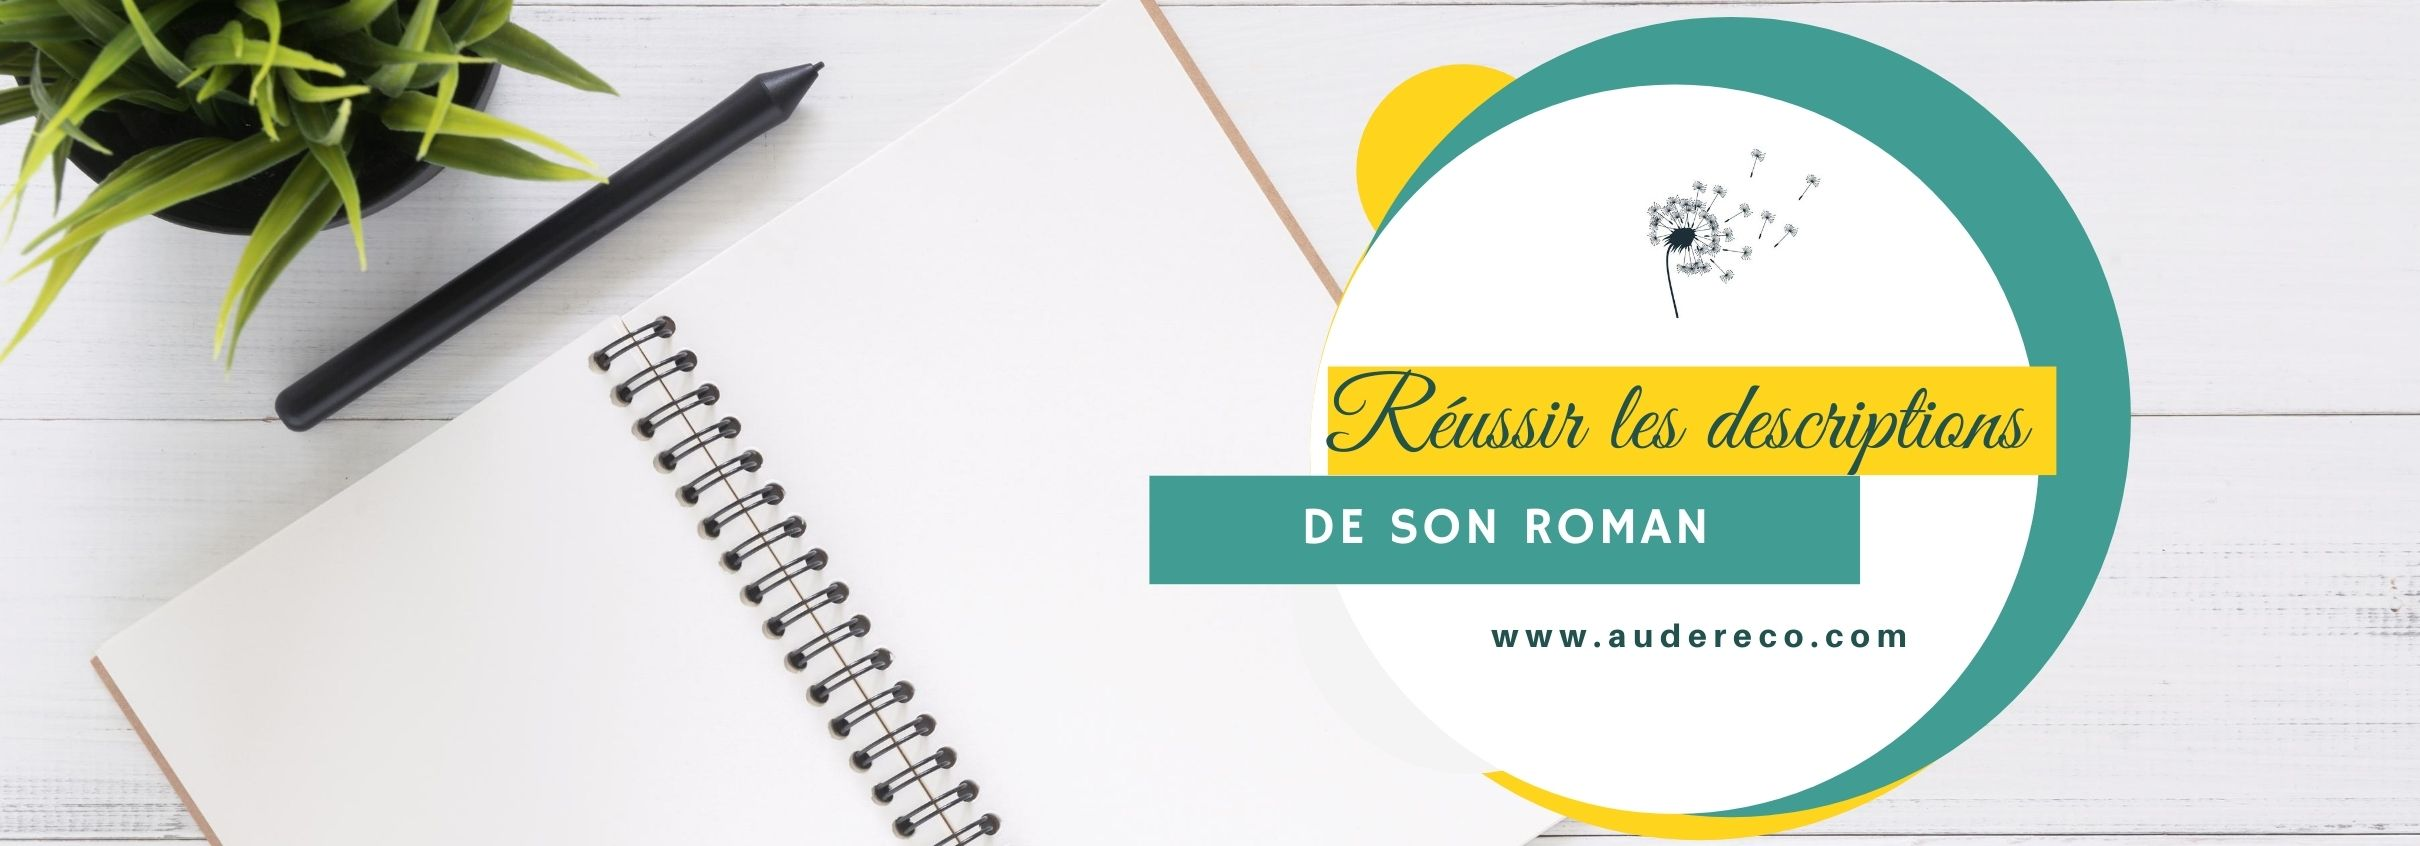 Protégé: LA PEUR DE L'ÉCHEC QUAND ON ÉCRIT UN ROMAN